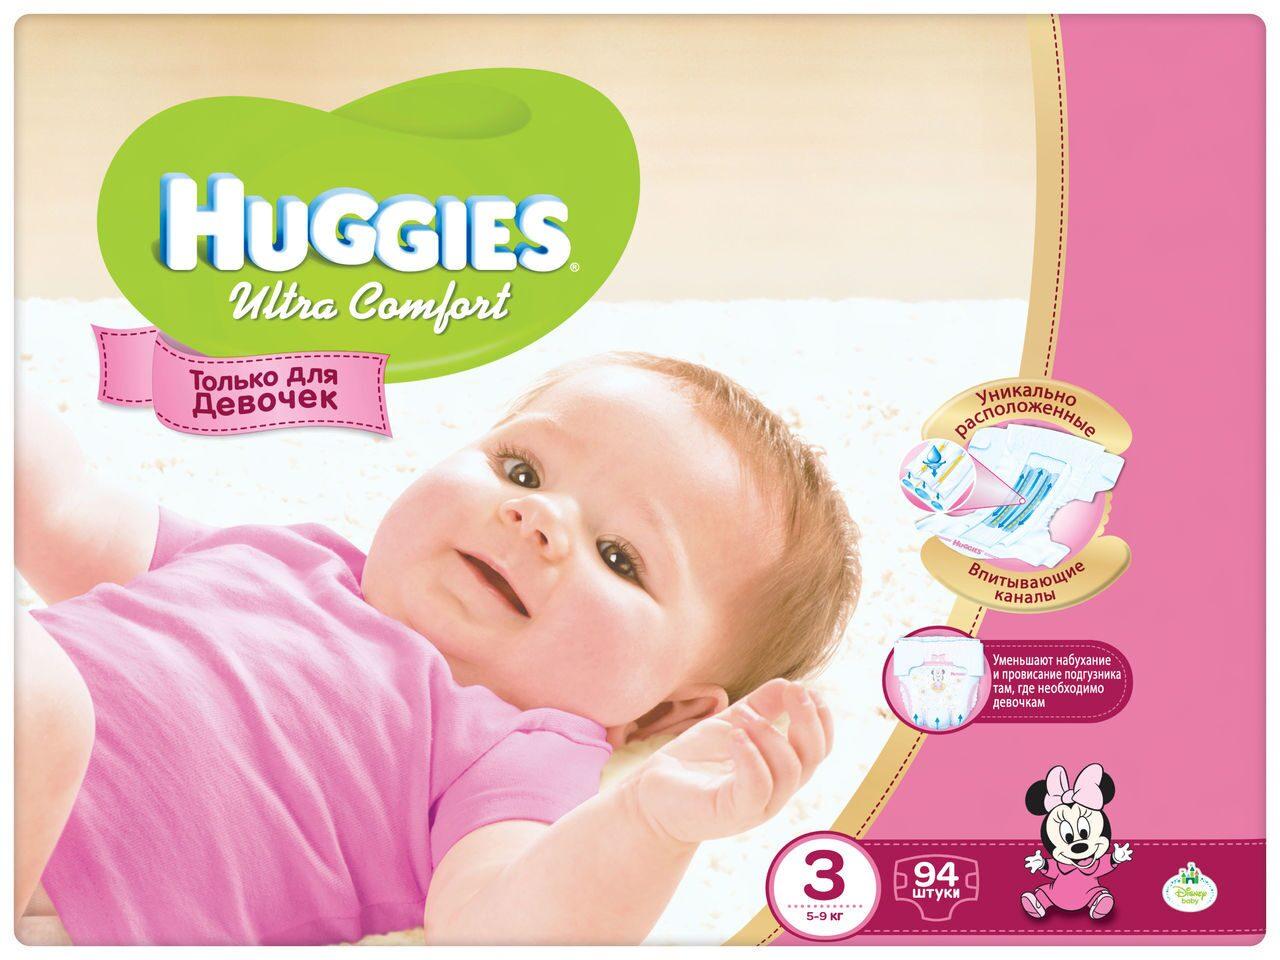 20318a37f569 Купить. Подгузники Хаггис Ultra Comfort 3 (5-9 кг.) 94 шт. для